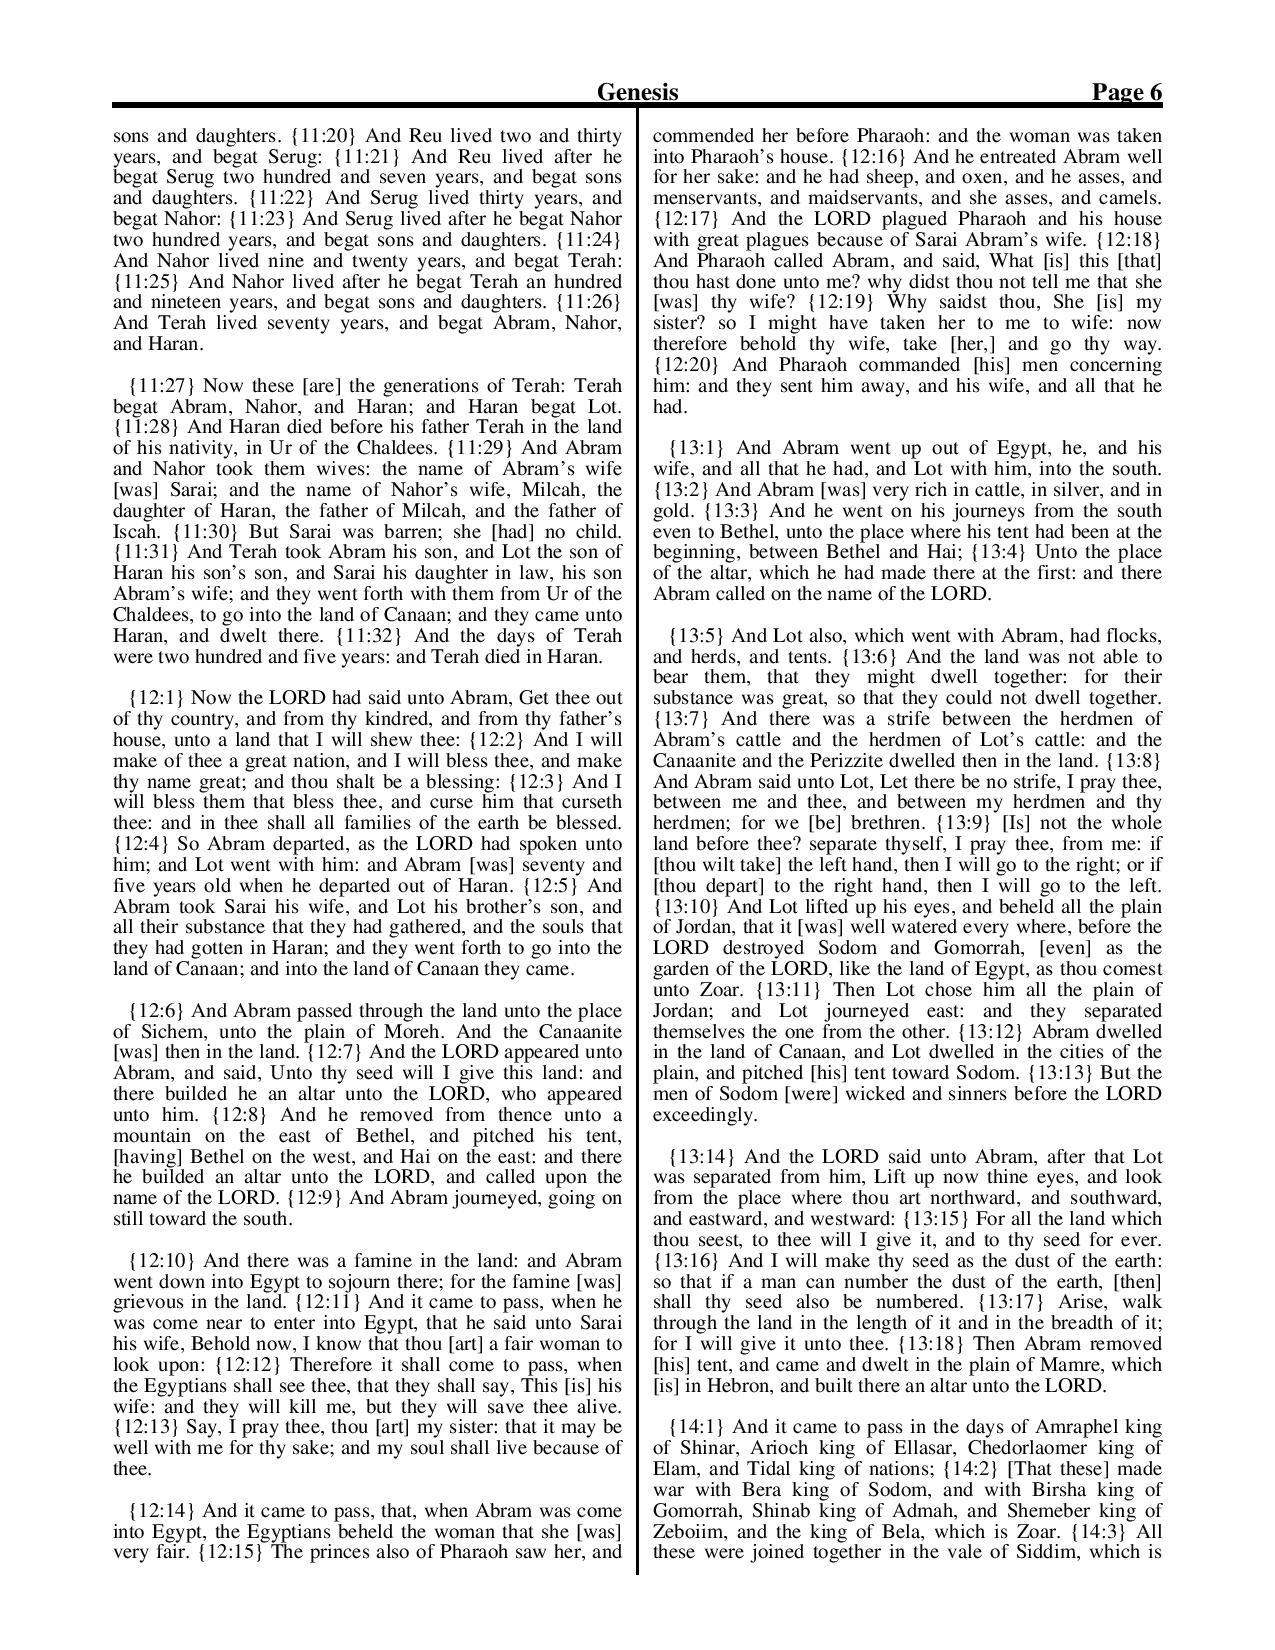 King-James-Bible-KJV-Bible-PDF-page-027